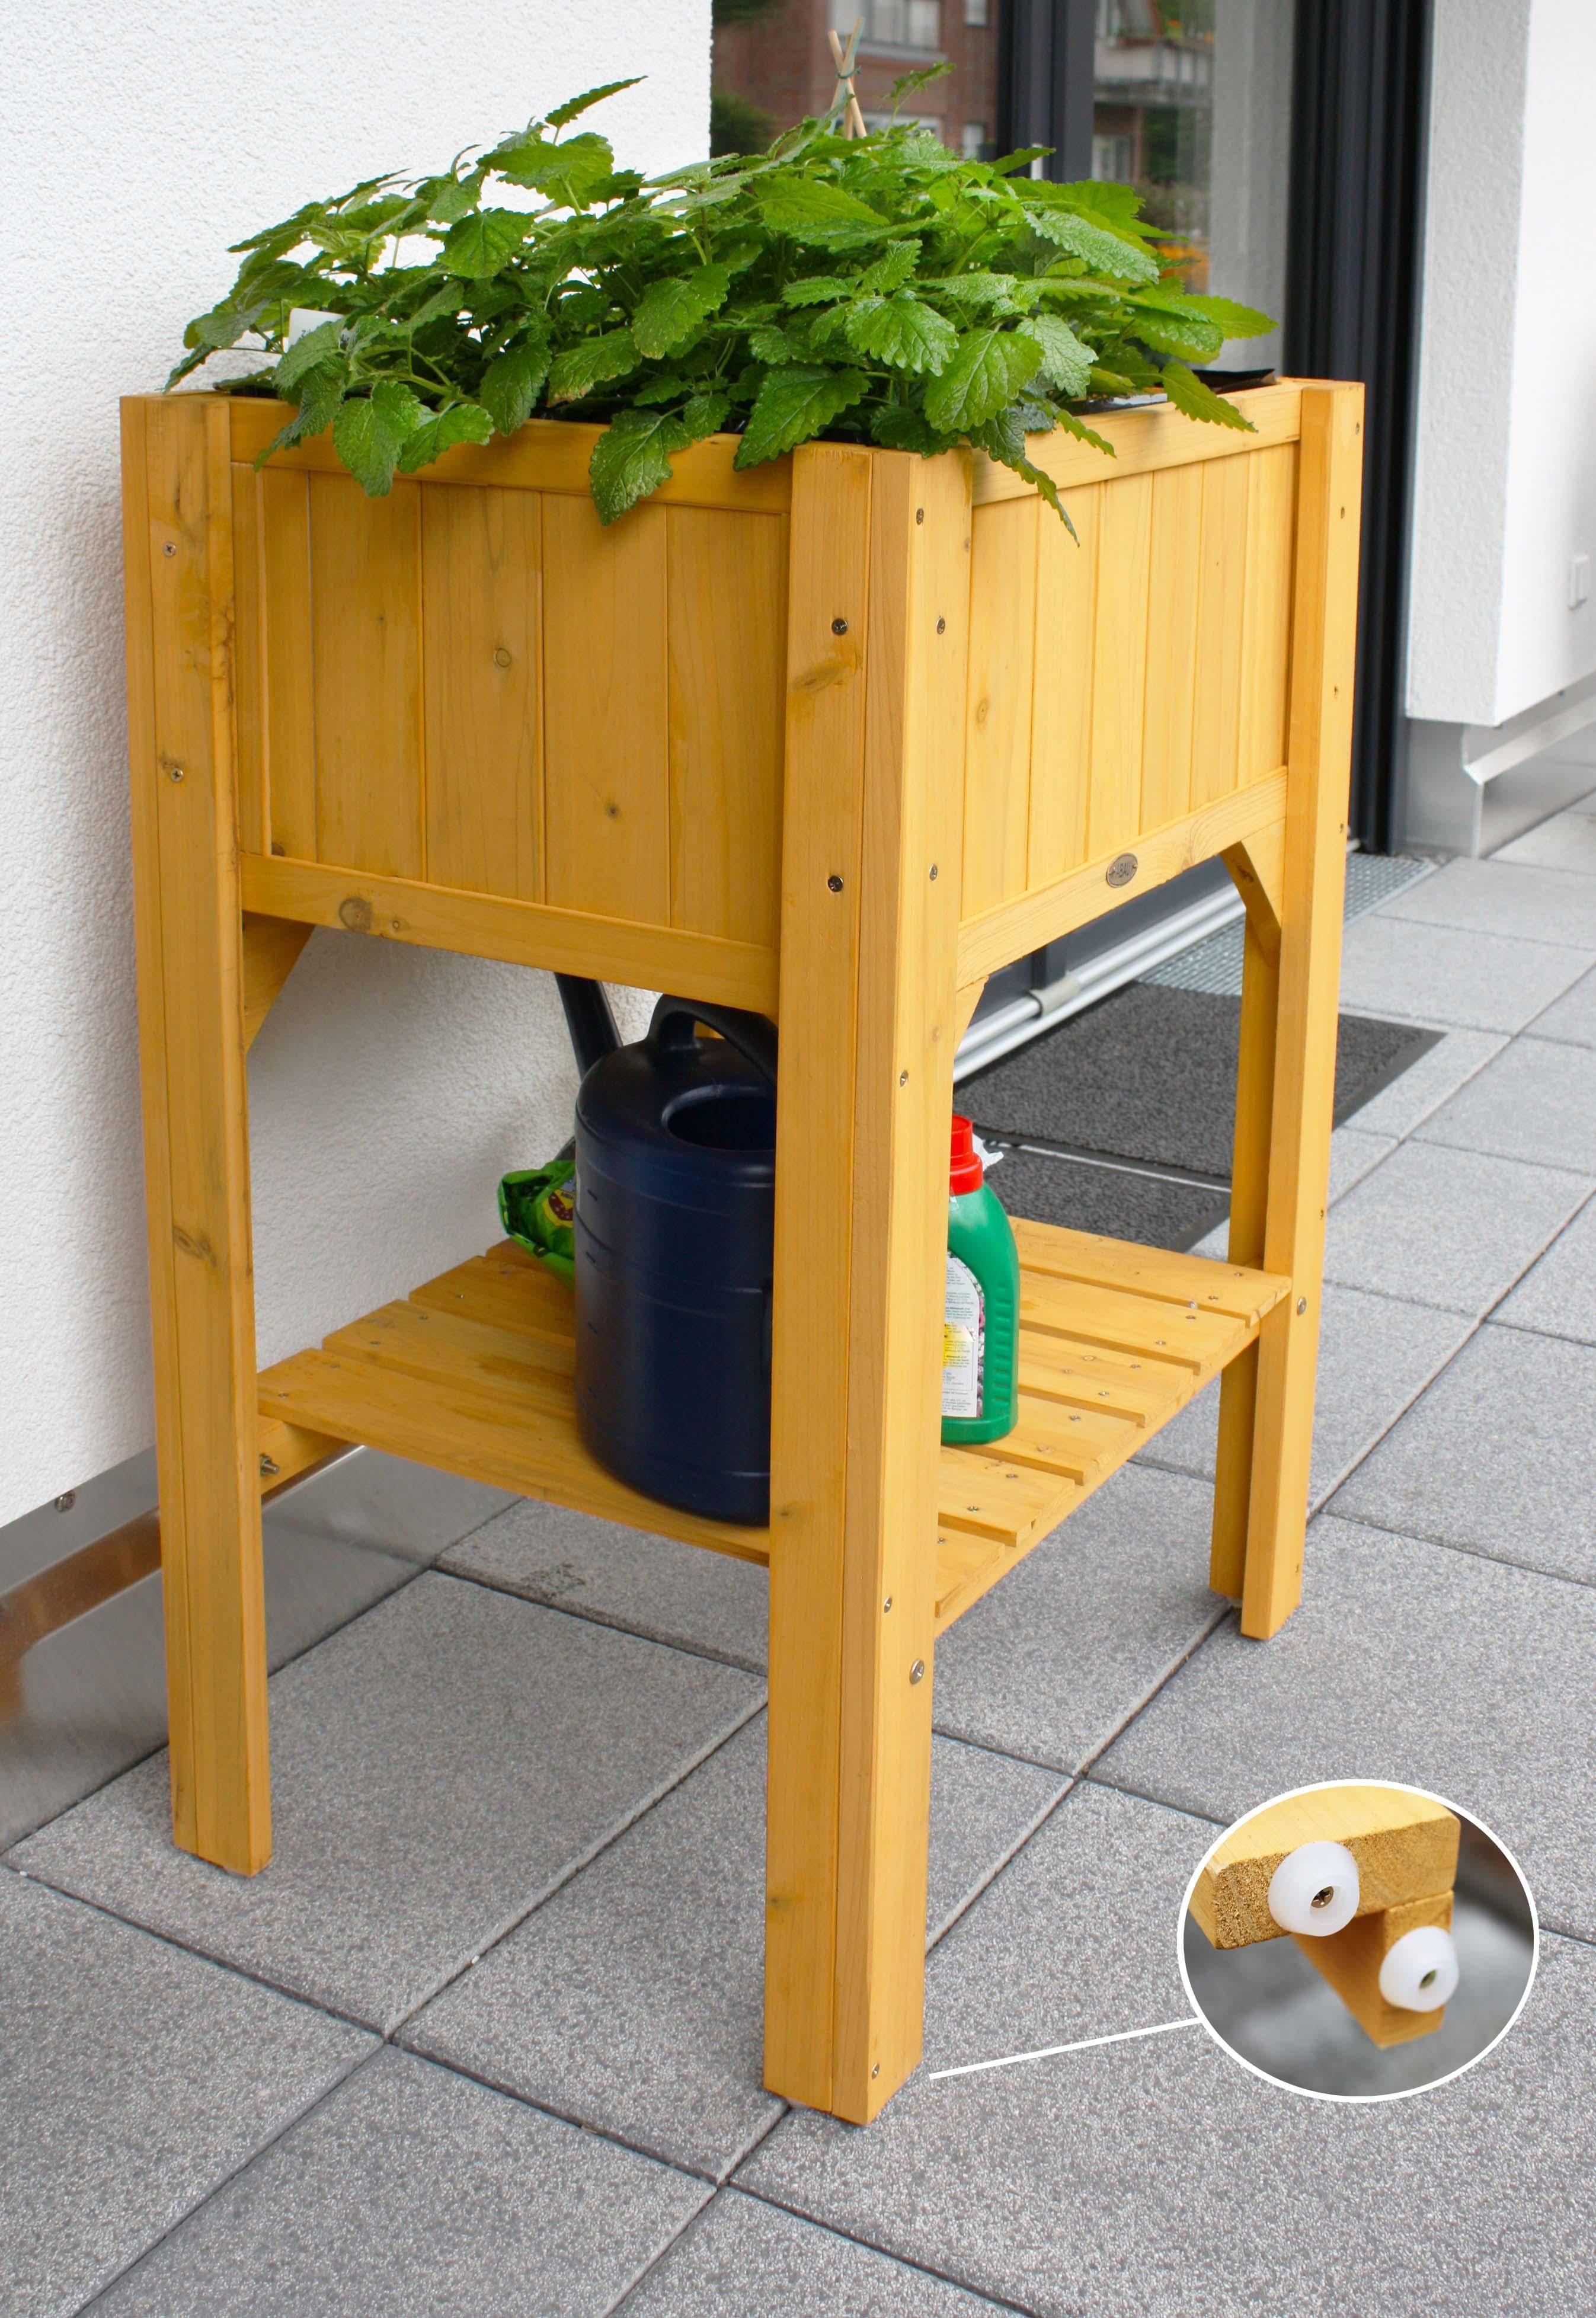 Hochbeet Aus Holz Habau 2853 Hochbeet Mit Ablage Anjas Hochbeete Hochbeet Garten Hochbeet Und Hochbeet Holz